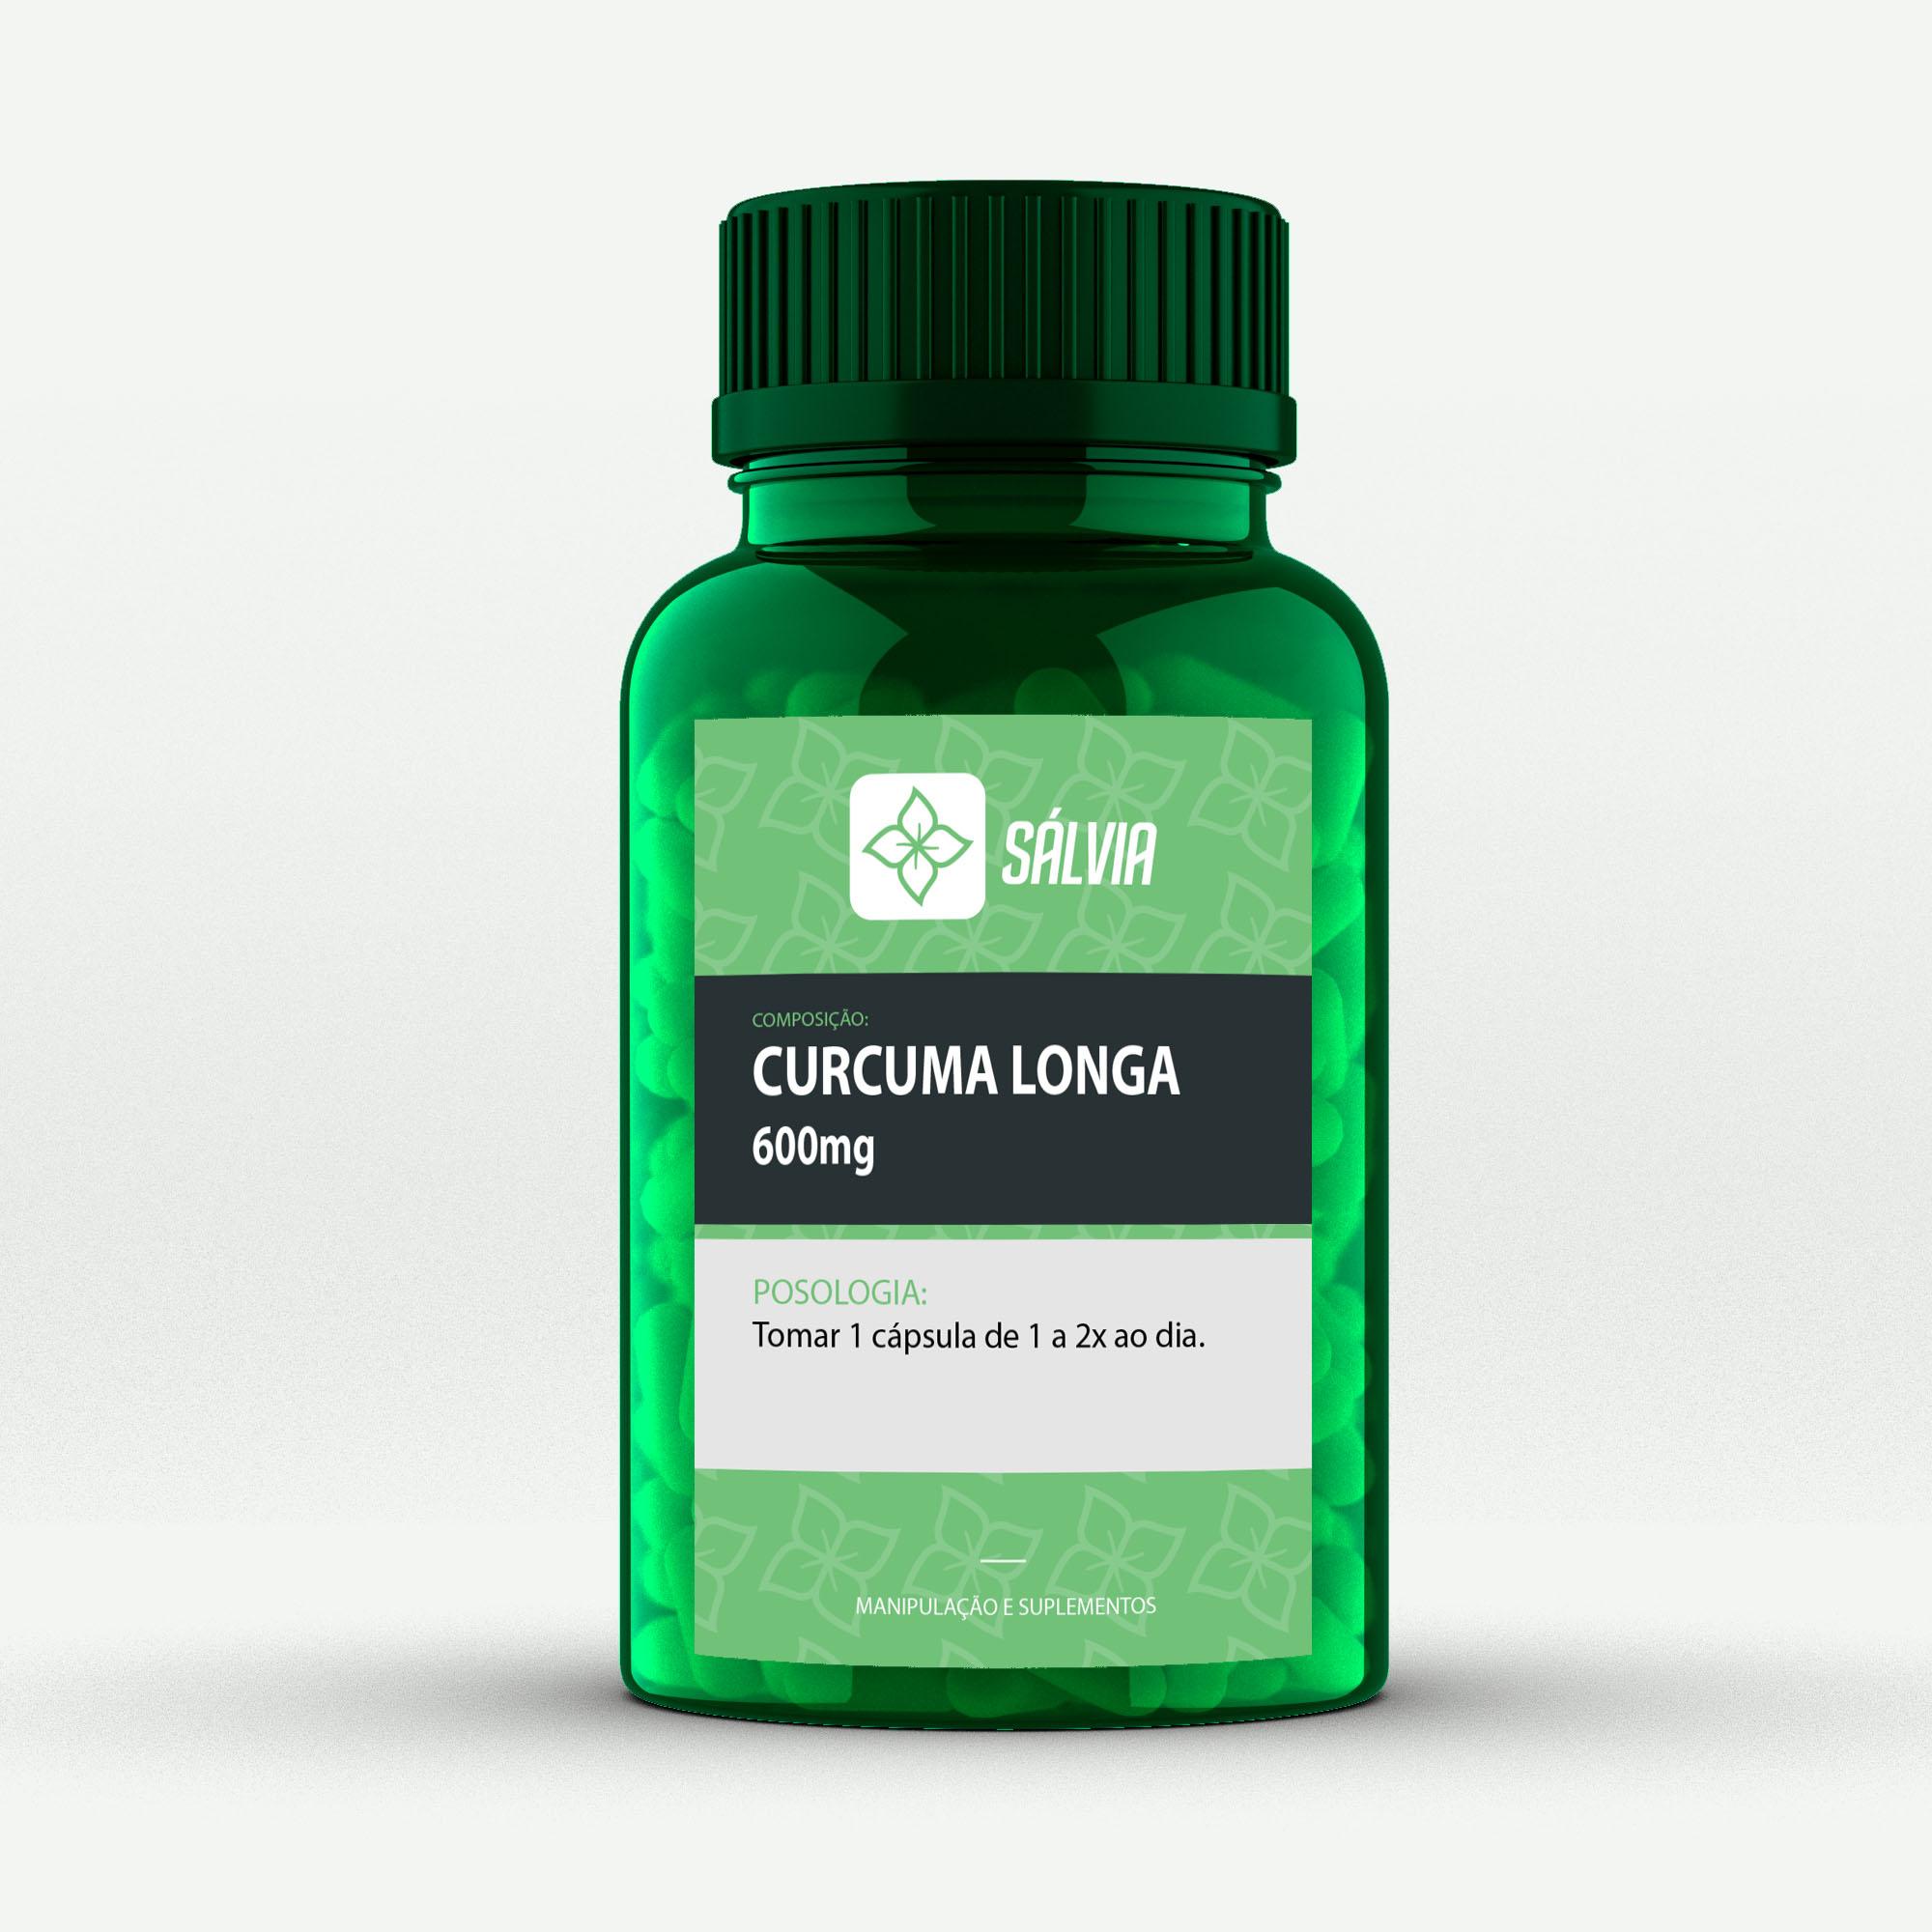 CURCUMA LONGA 600mg – Cápsulas